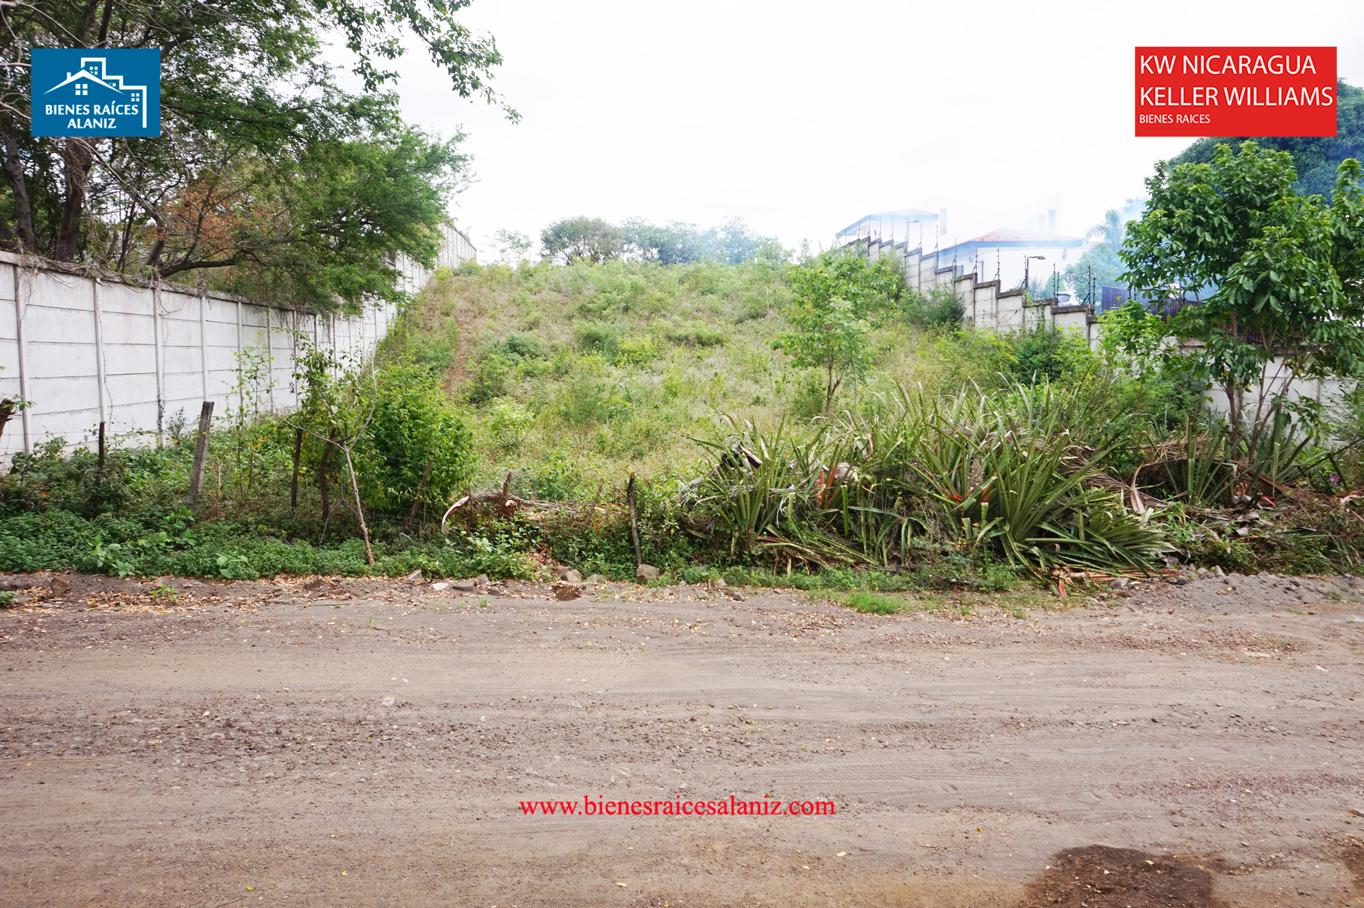 Se vende terreno de 2,000 v2 en el km 11.5 Carretera Sur, Managua